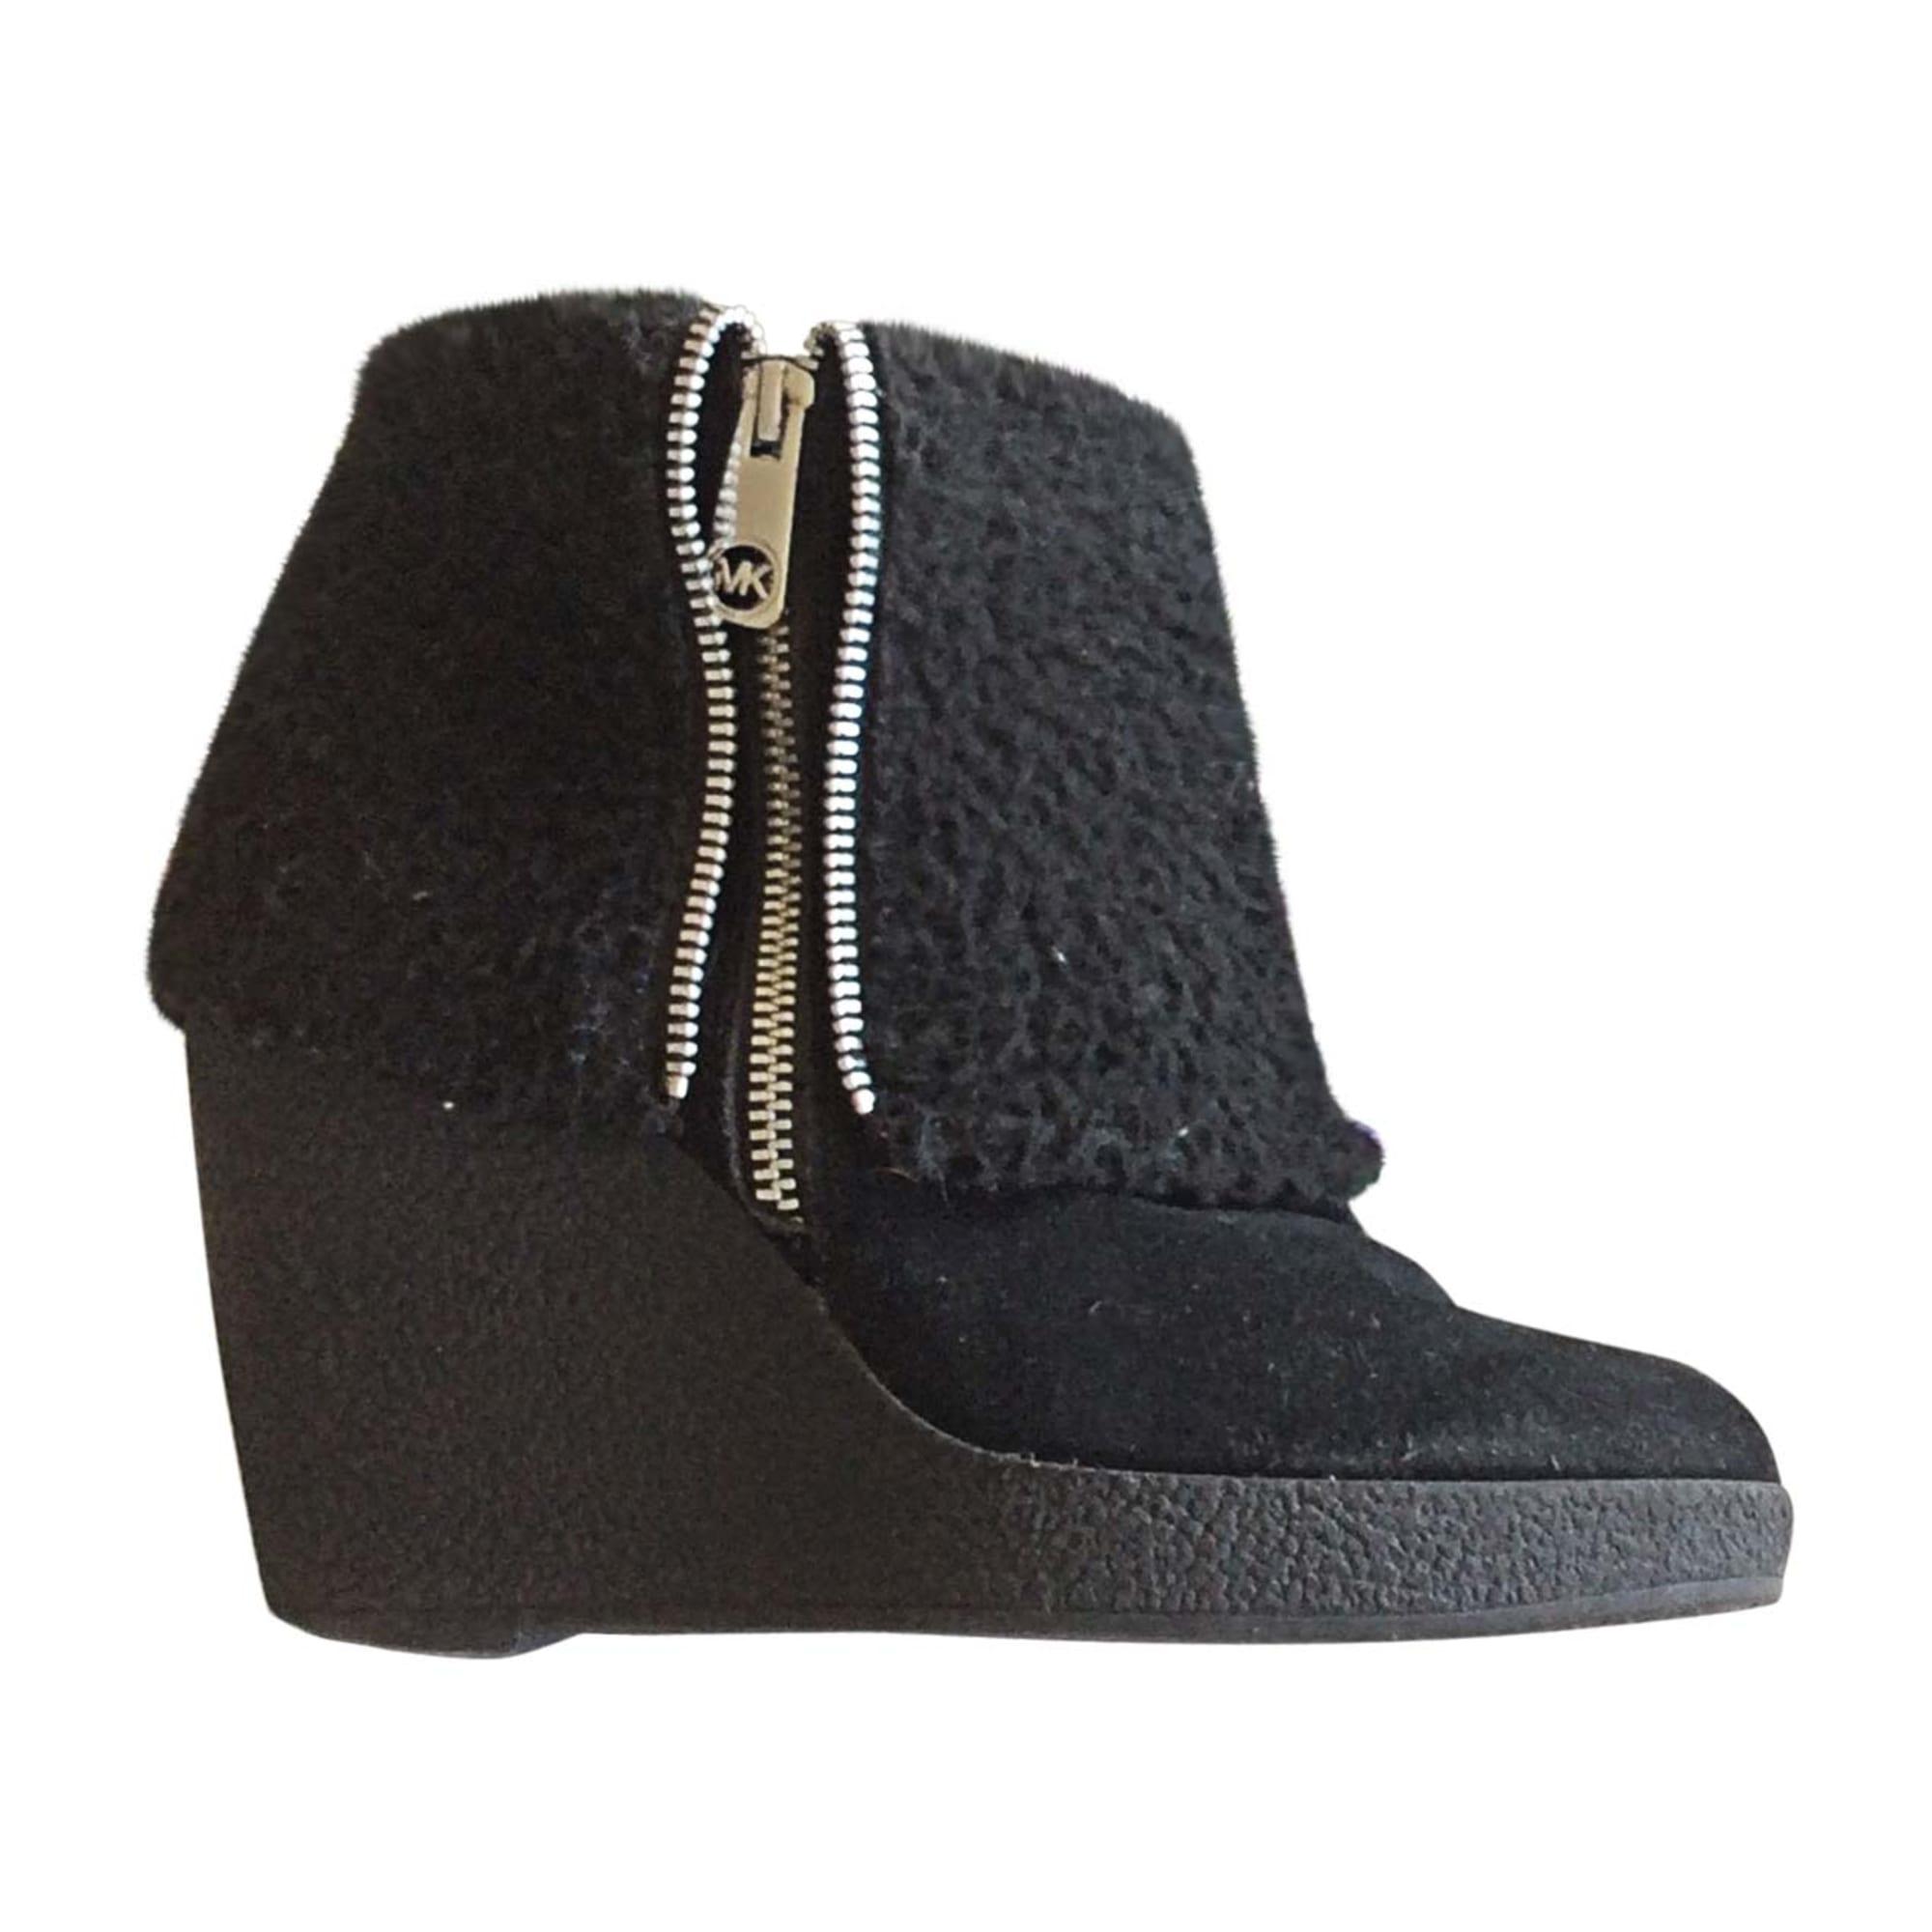 Bottines & low boots à compensés MICHAEL KORS Noir